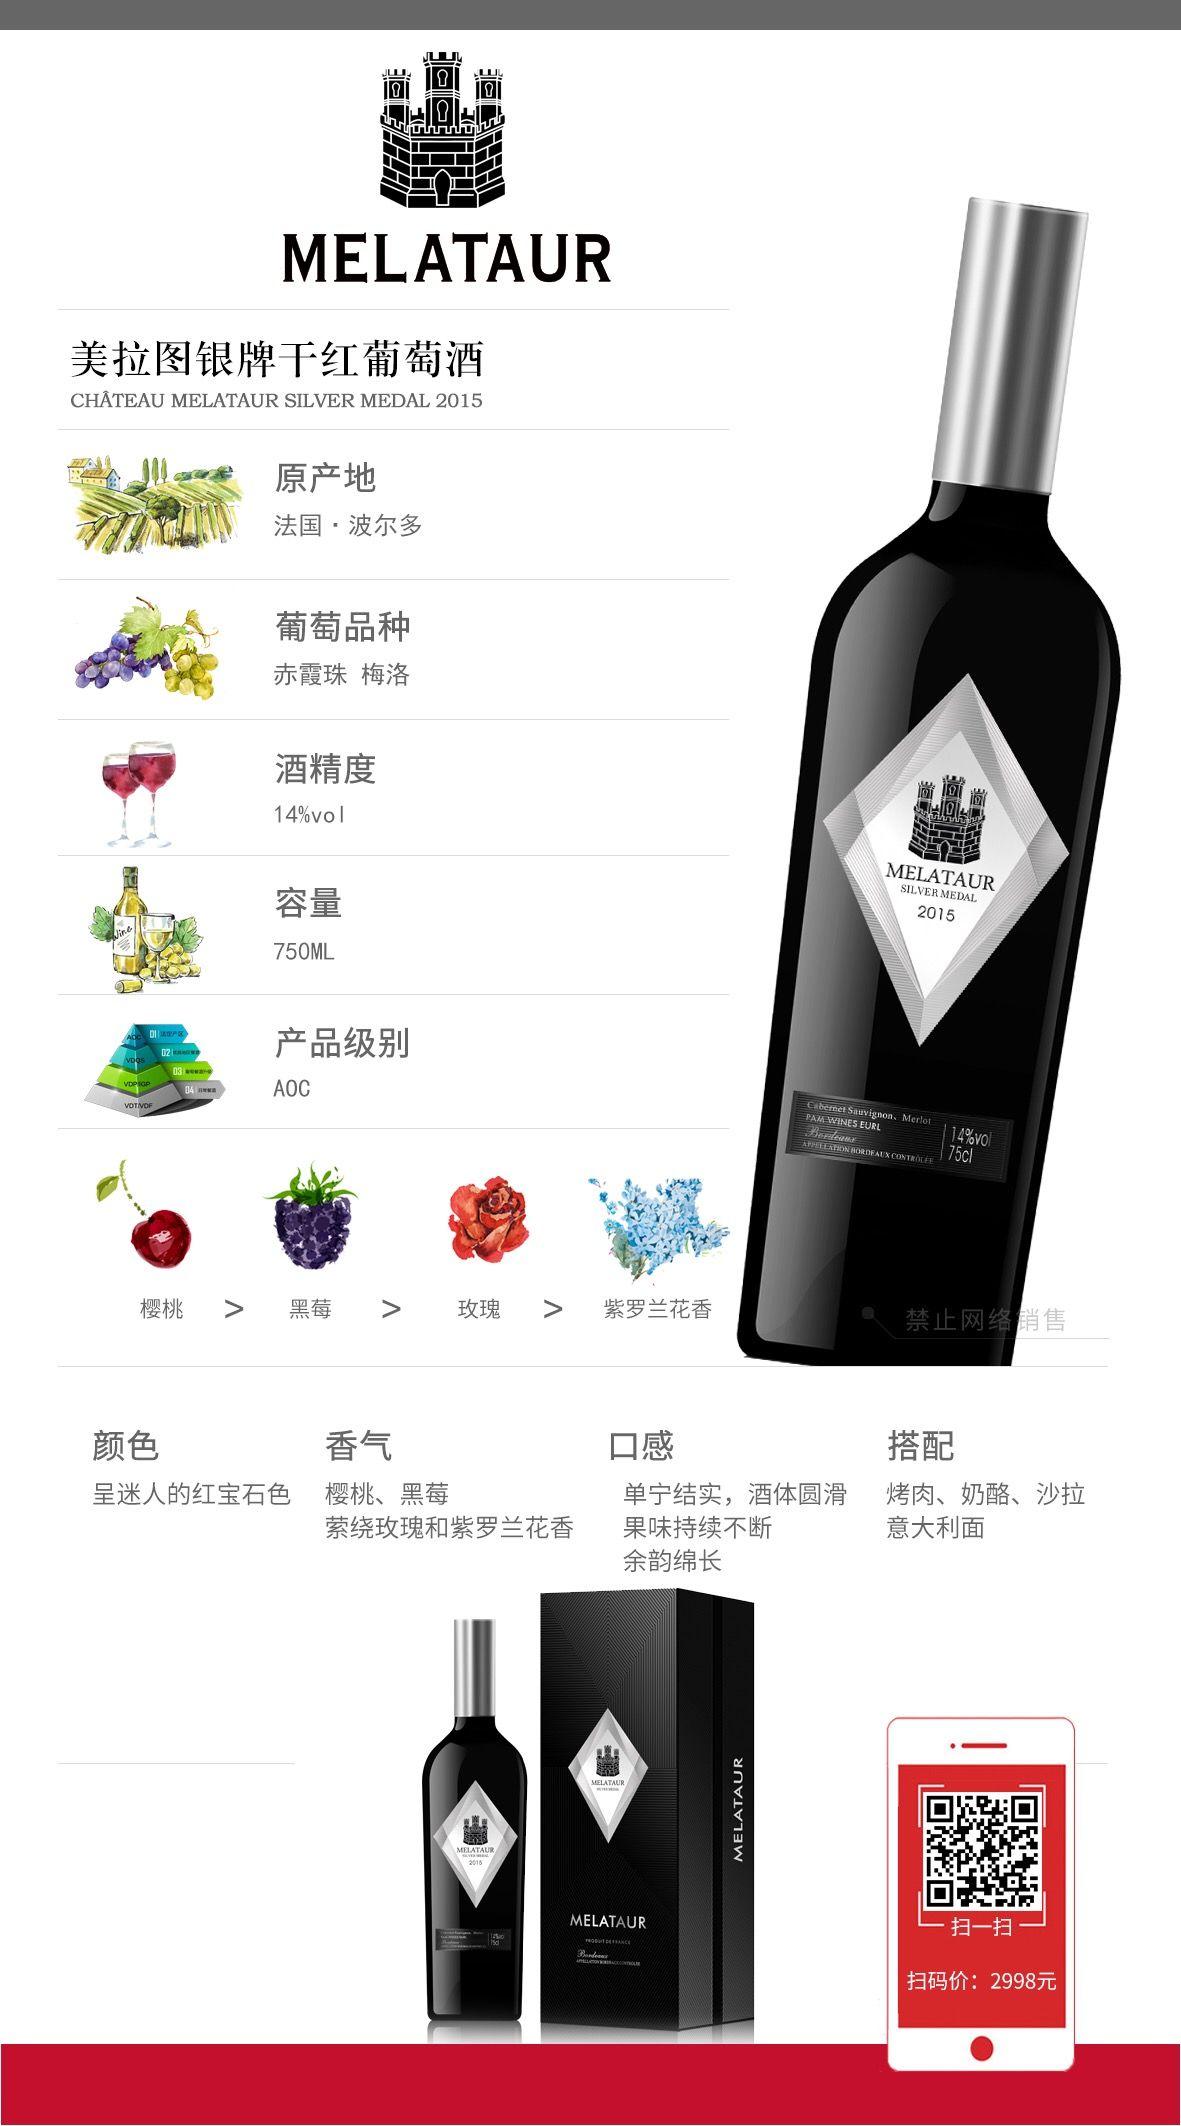 上海美拉圖干紅葡萄酒價格